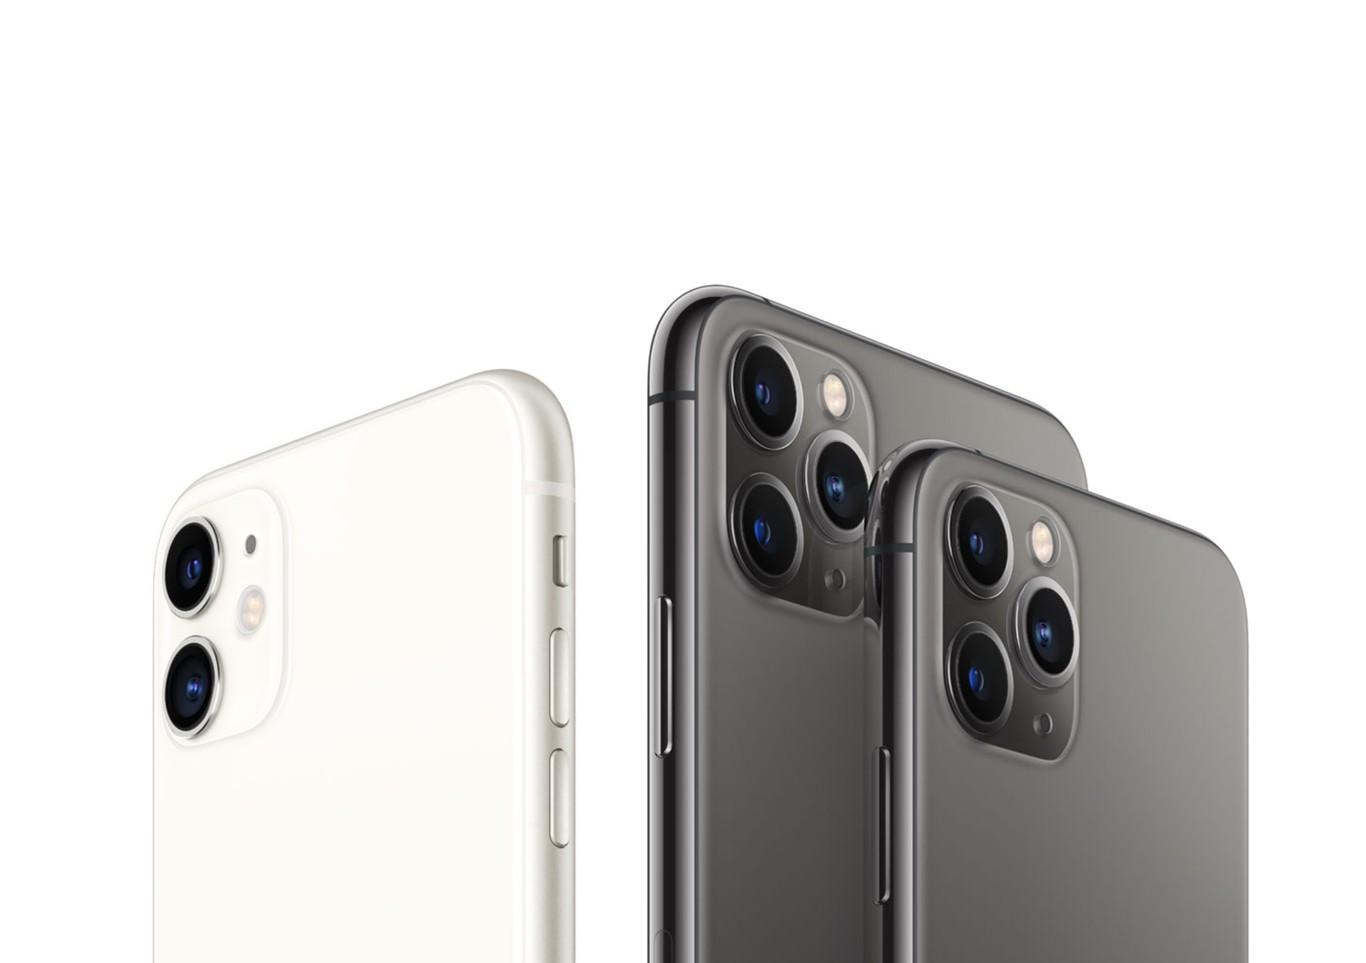 3D Touch ha muerto: ninguno de los nuevos iPhone incorpora la característica, en su lugar traen respuestas...